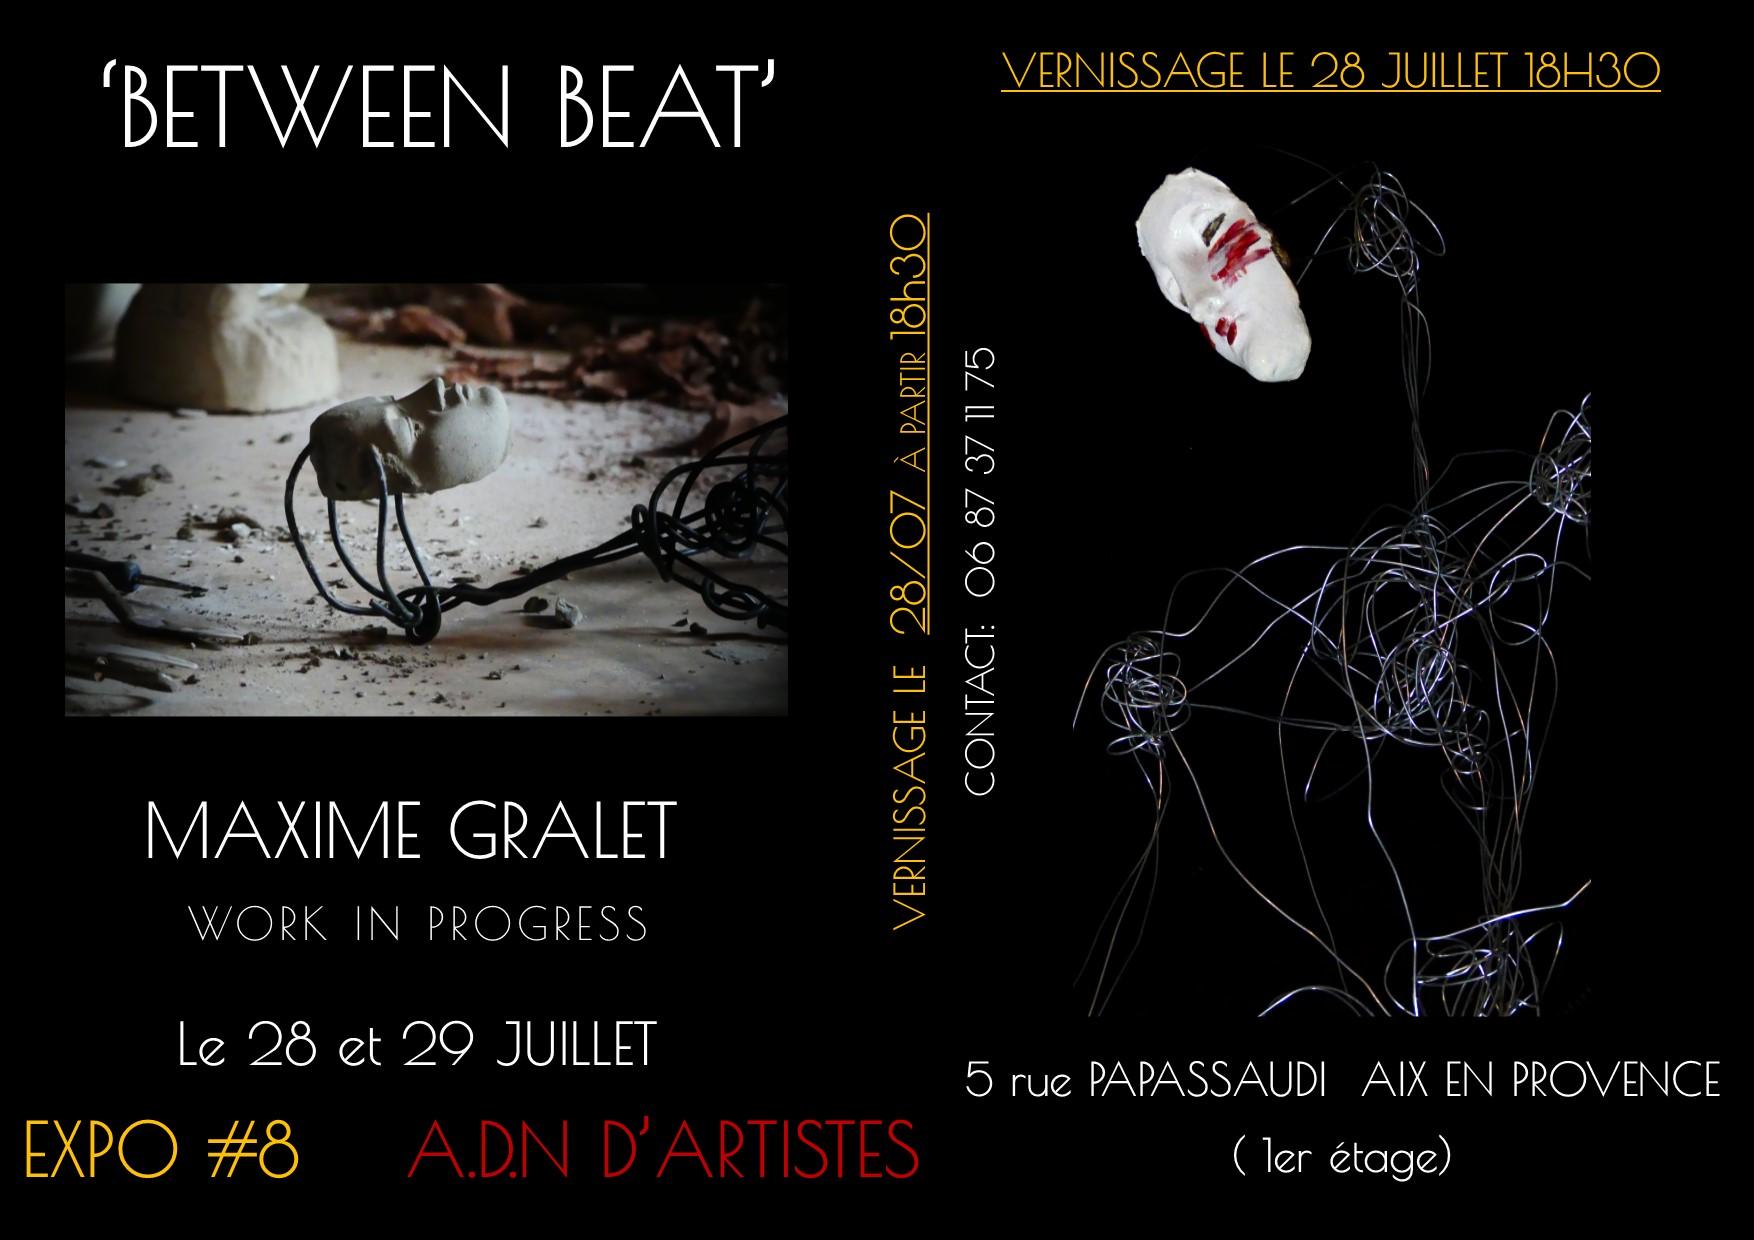 between beat flyer maxime gralet